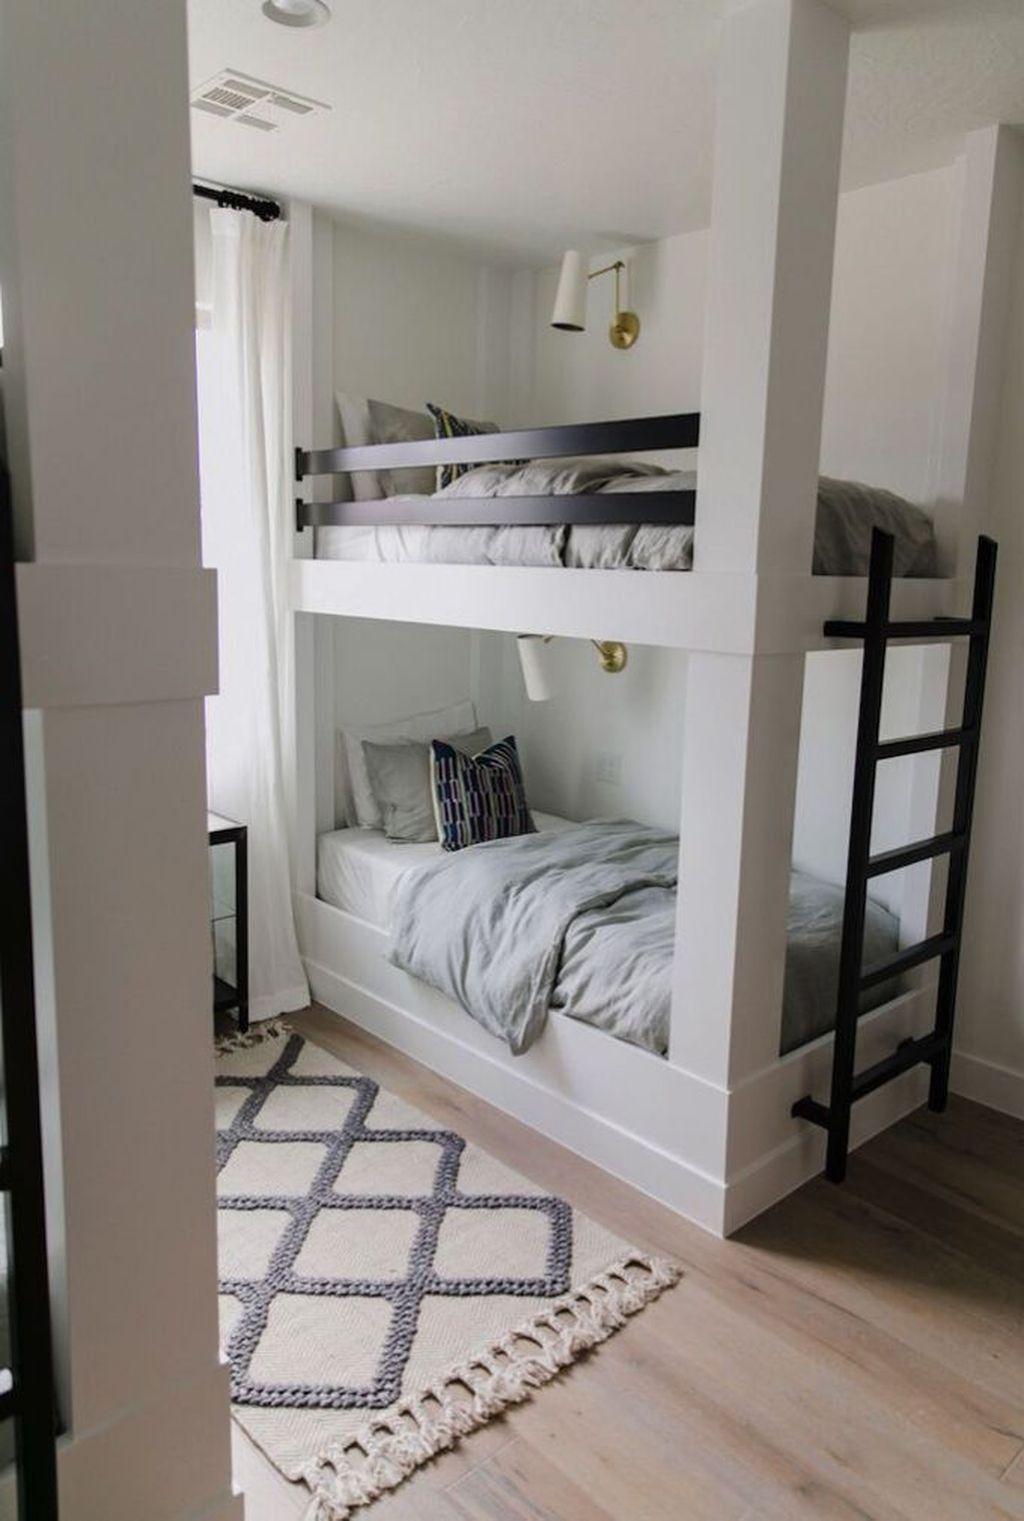 Idee Camere Da Letto Salvaspazio 38 unique boys bunk bed room design ideas to try asap nel